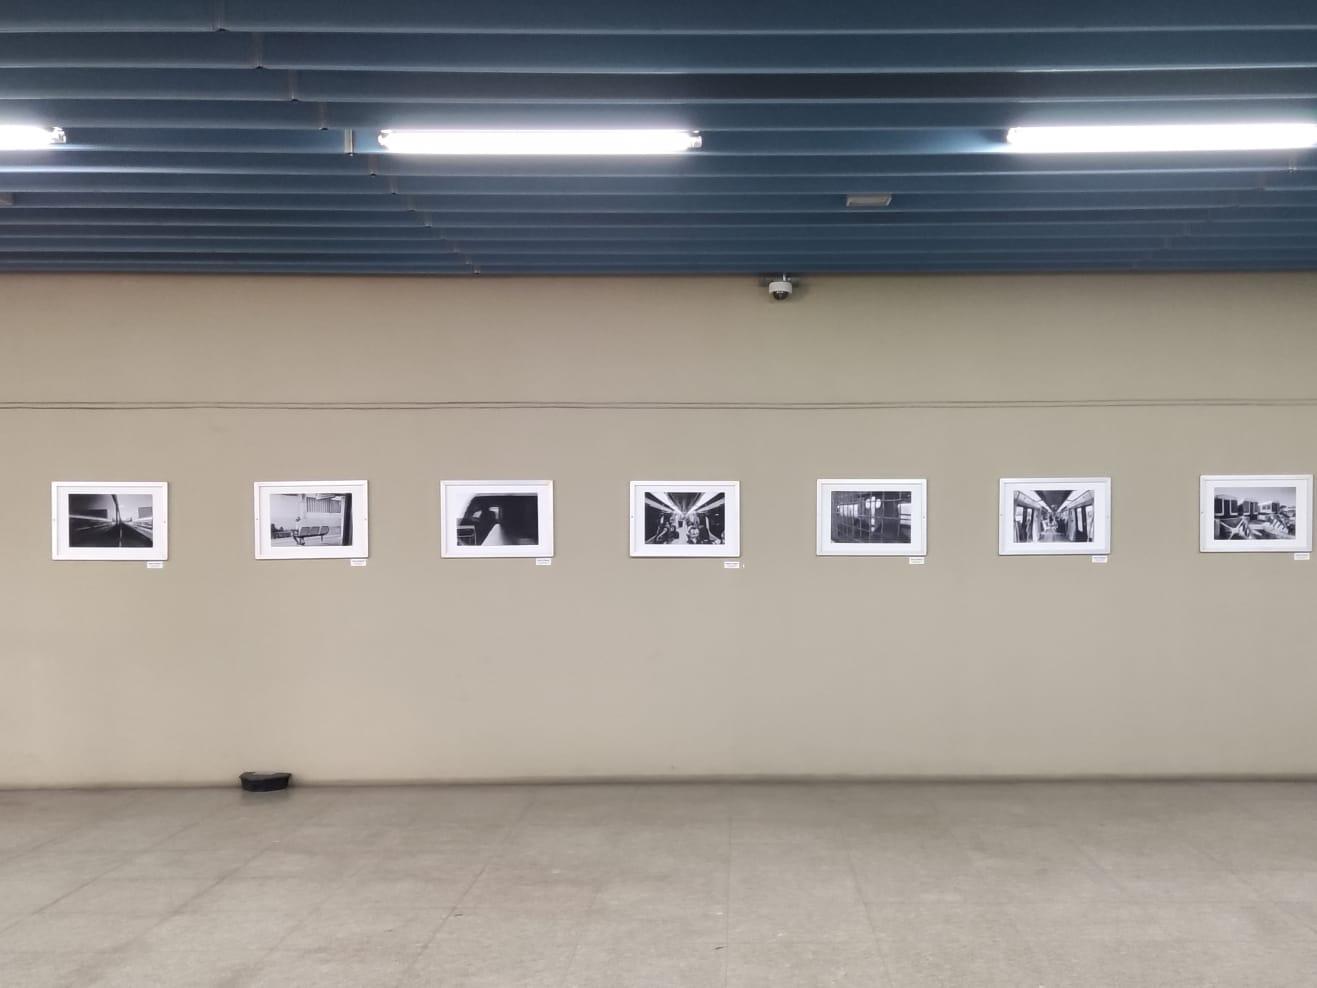 Metrofor lança exposição fotográfica nas estações José de Alencar e Benfica